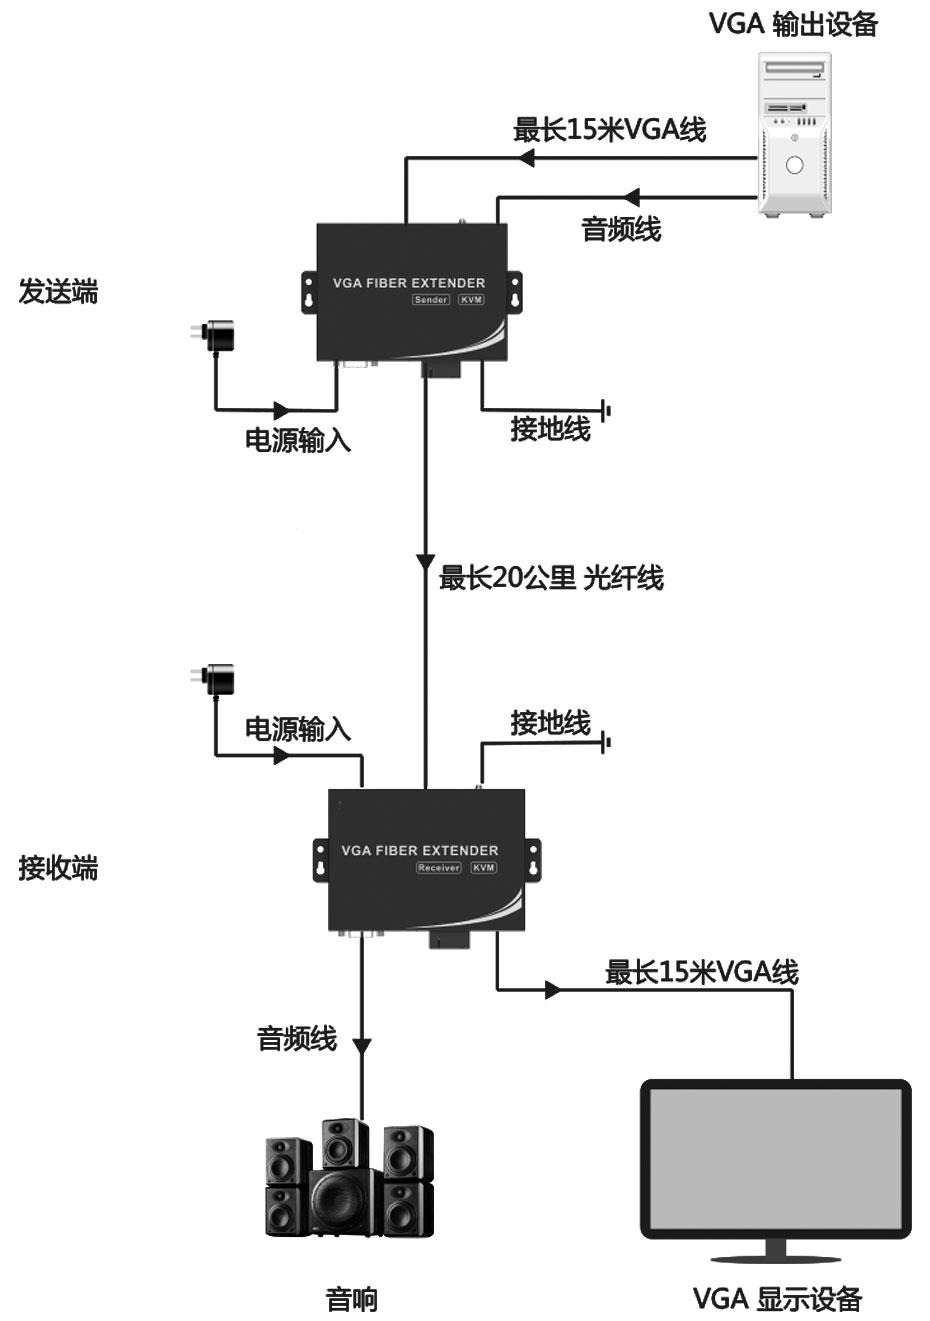 VGA光纤延长器VF200连接使用示意图